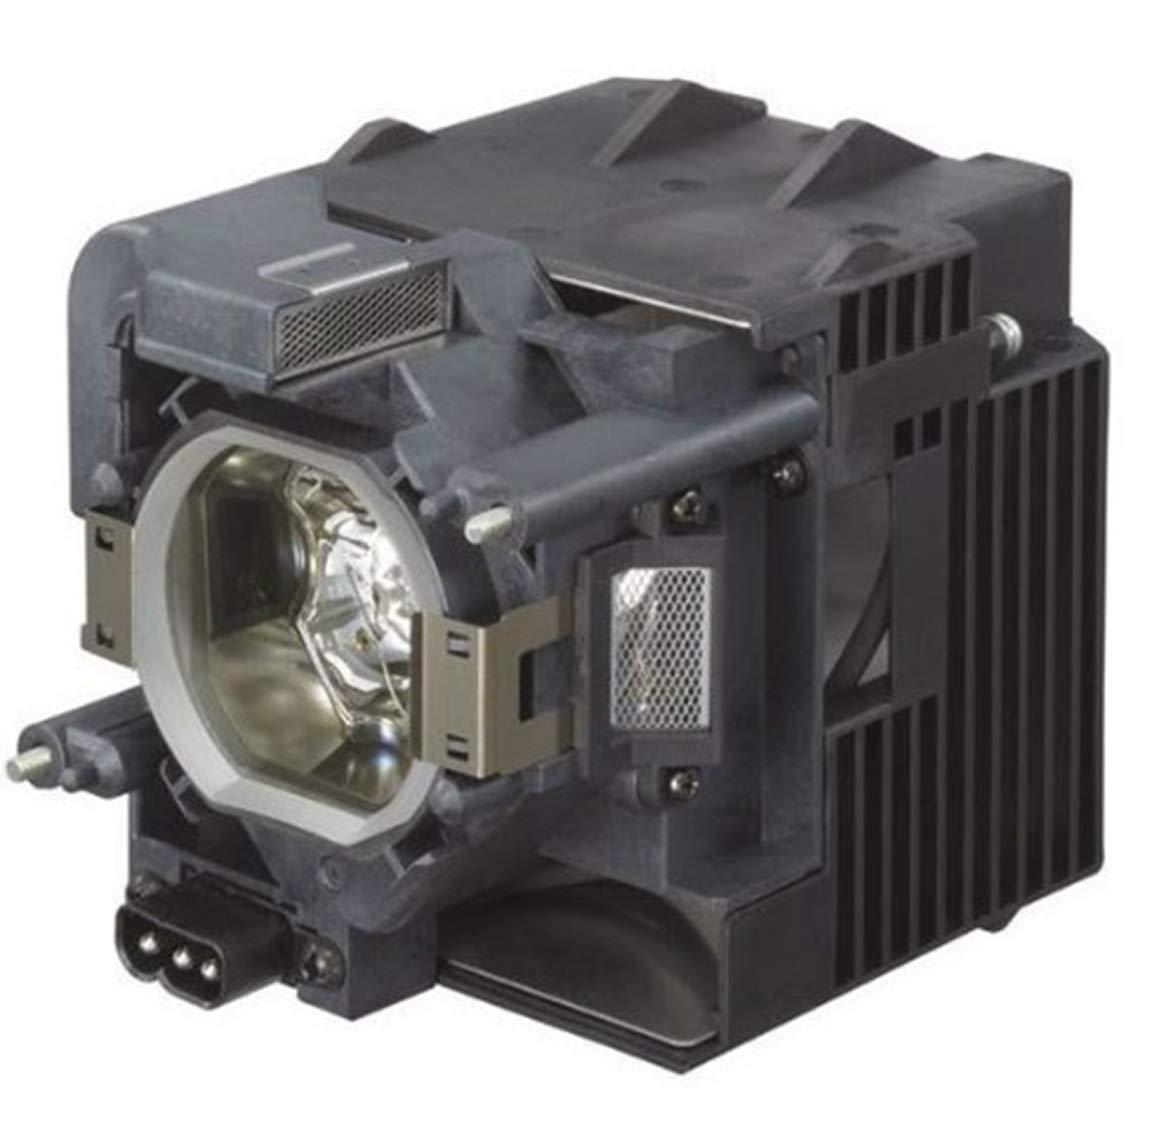 Biggen LMP-F270 交換用ランプ ハウジング付き Sony VPL-FX40 VPL-FE40 VPL-FX40L VPL FX41用   B07JCMJS2R